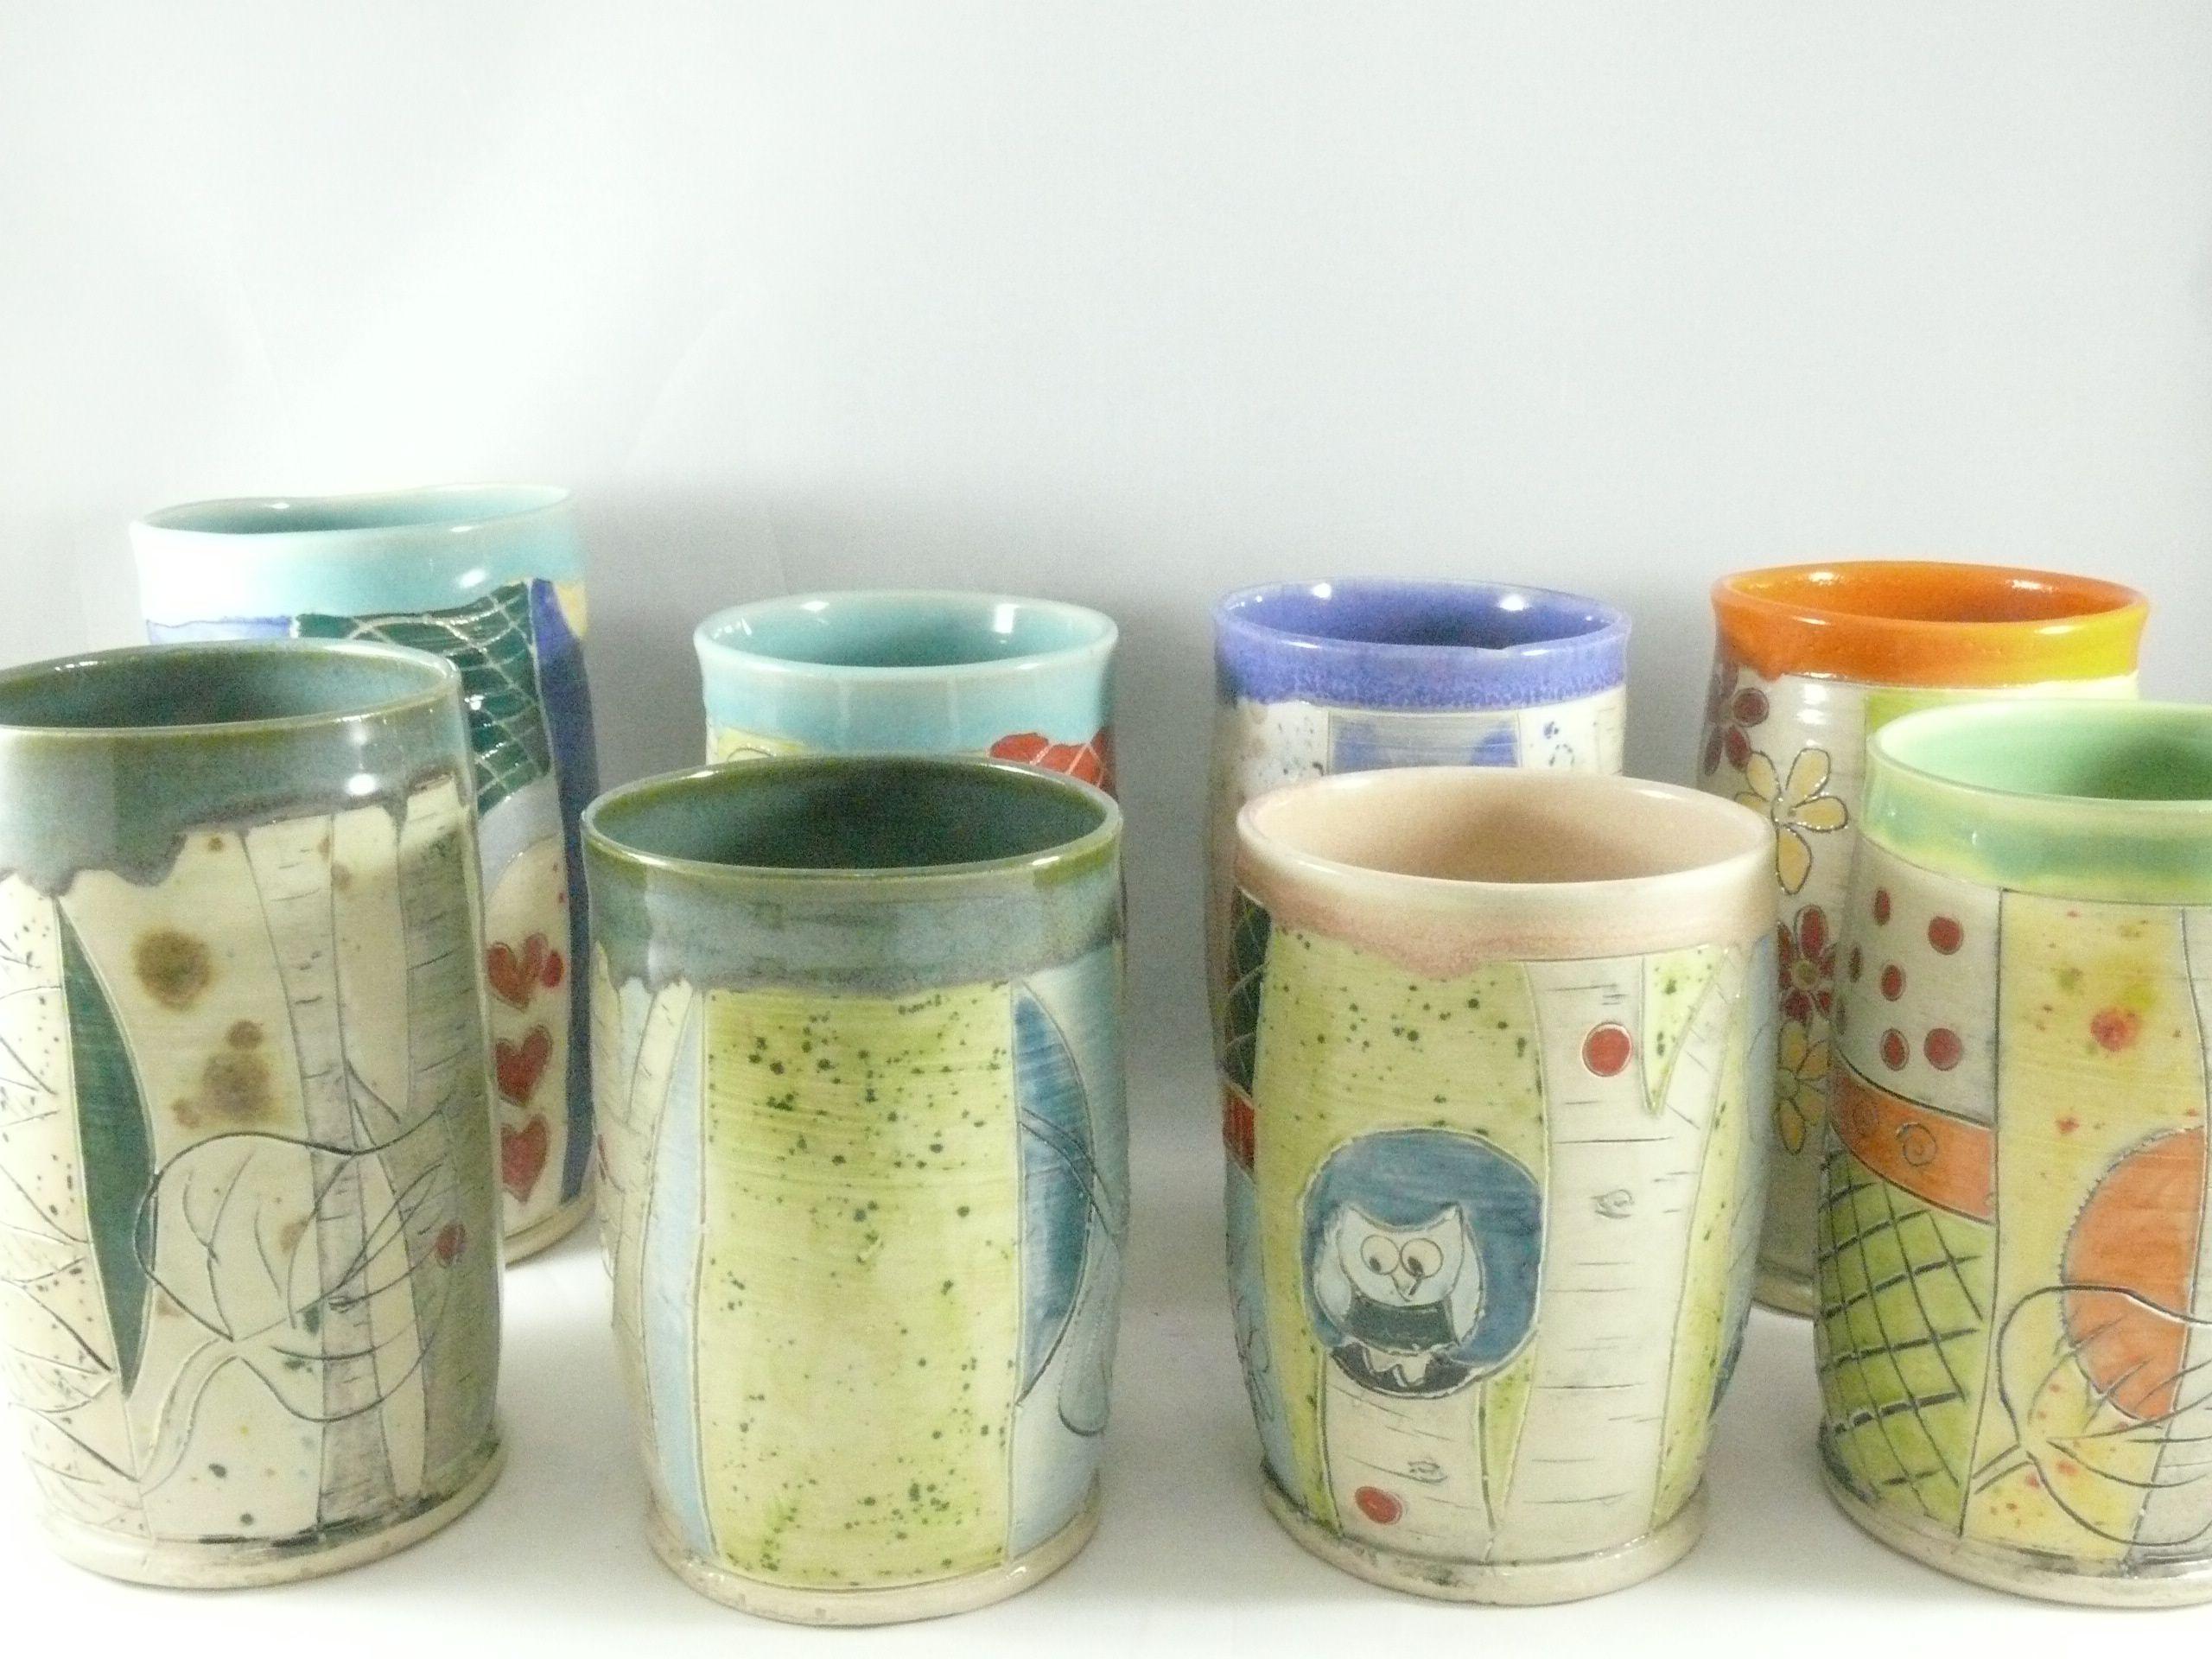 Buy a custom handmade ceramic pencil holder tumbler teacup or custom made handmade ceramic pencil holder tumbler teacup or art sculpture vase reviewsmspy